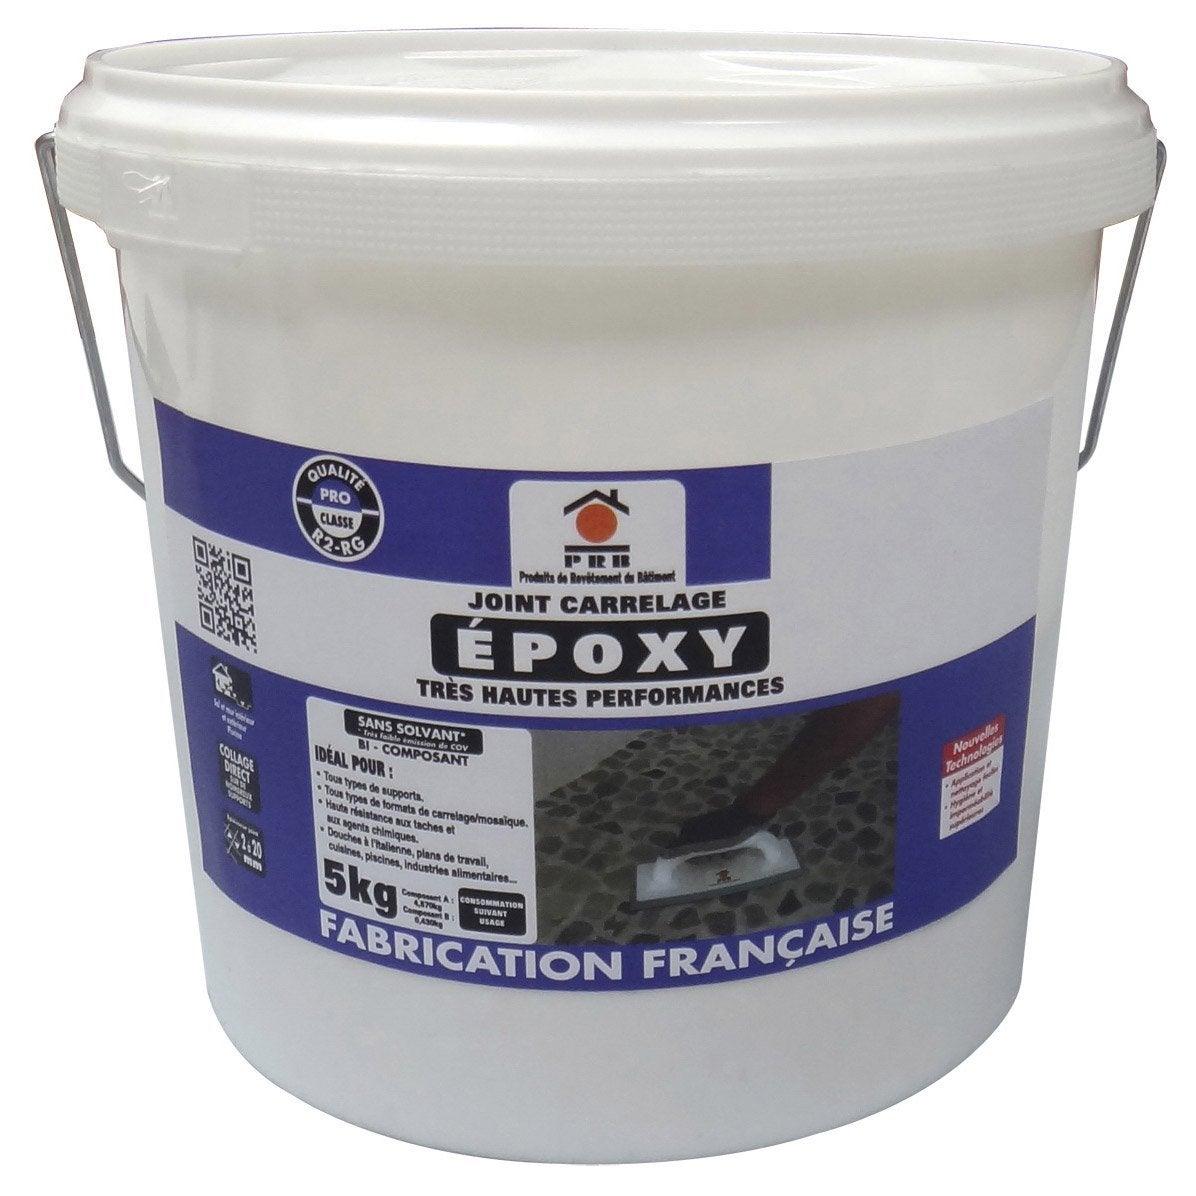 Joint poxy pour carrelage et mosa que prb blanc 5 kg leroy merlin - Resine epoxy pour joint carrelage ...